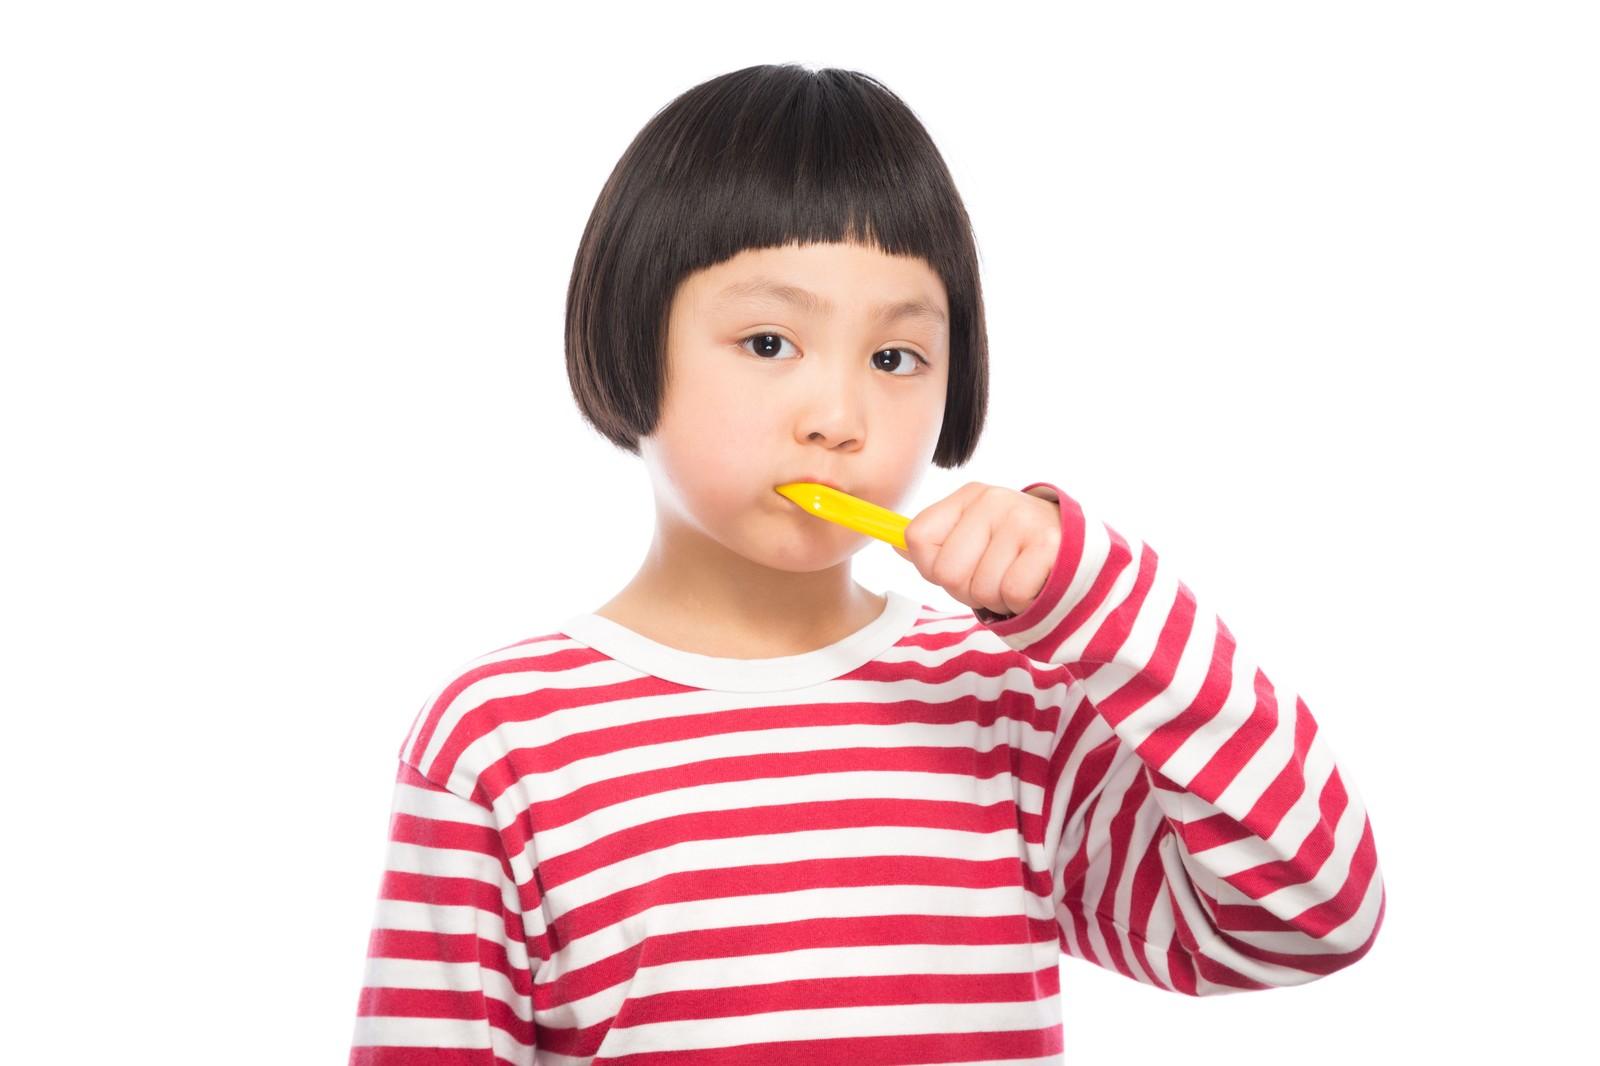 マジックソープで歯磨きが出来るらしい!愛用者が実際に試してみた!